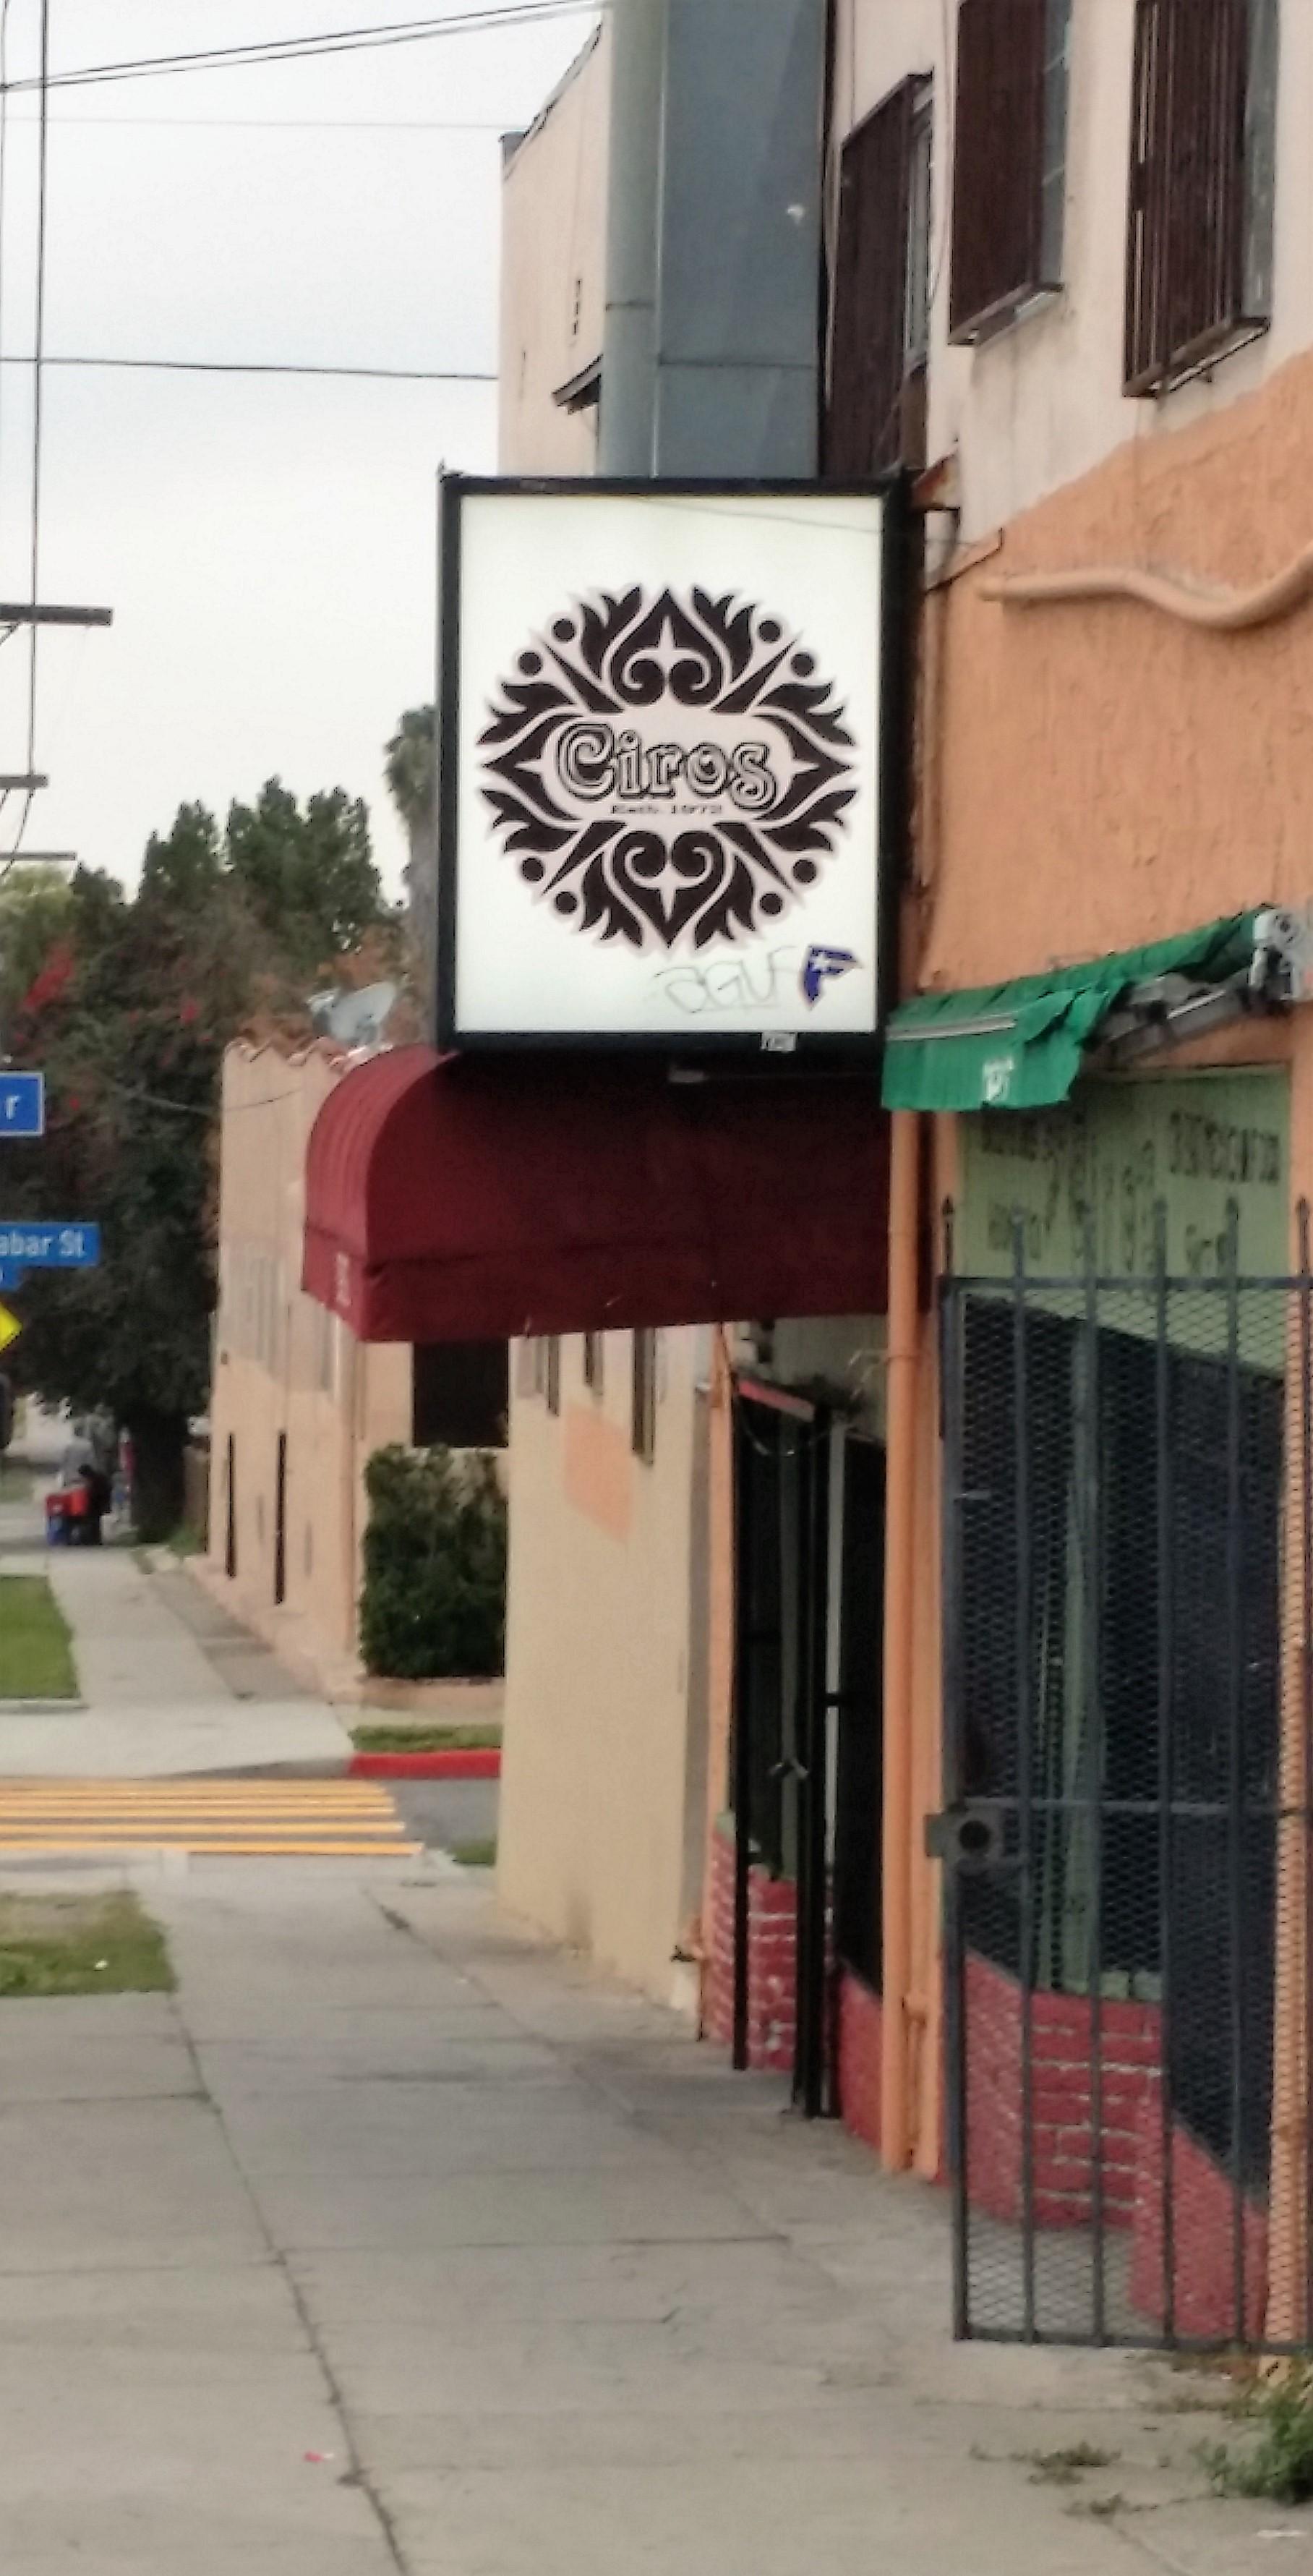 The Top Ten Restaurants In Boyle Heights, Los Angeles